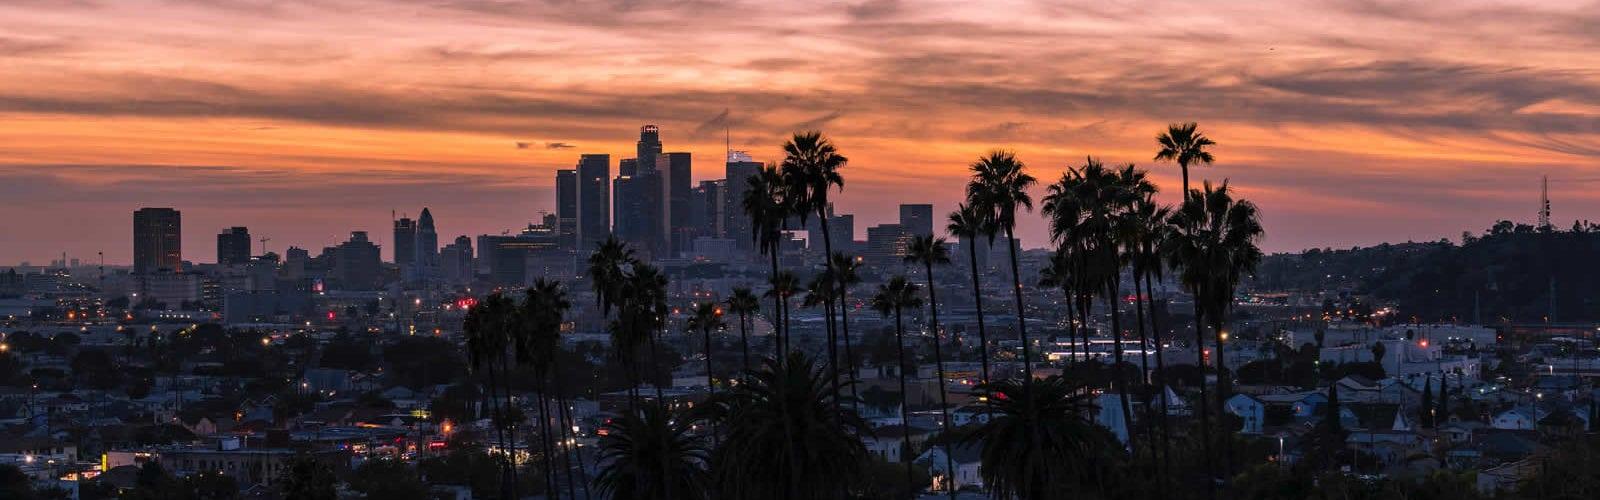 plus-beaux-endroits-admirer-coucher-de-soleil-los-angeles-une